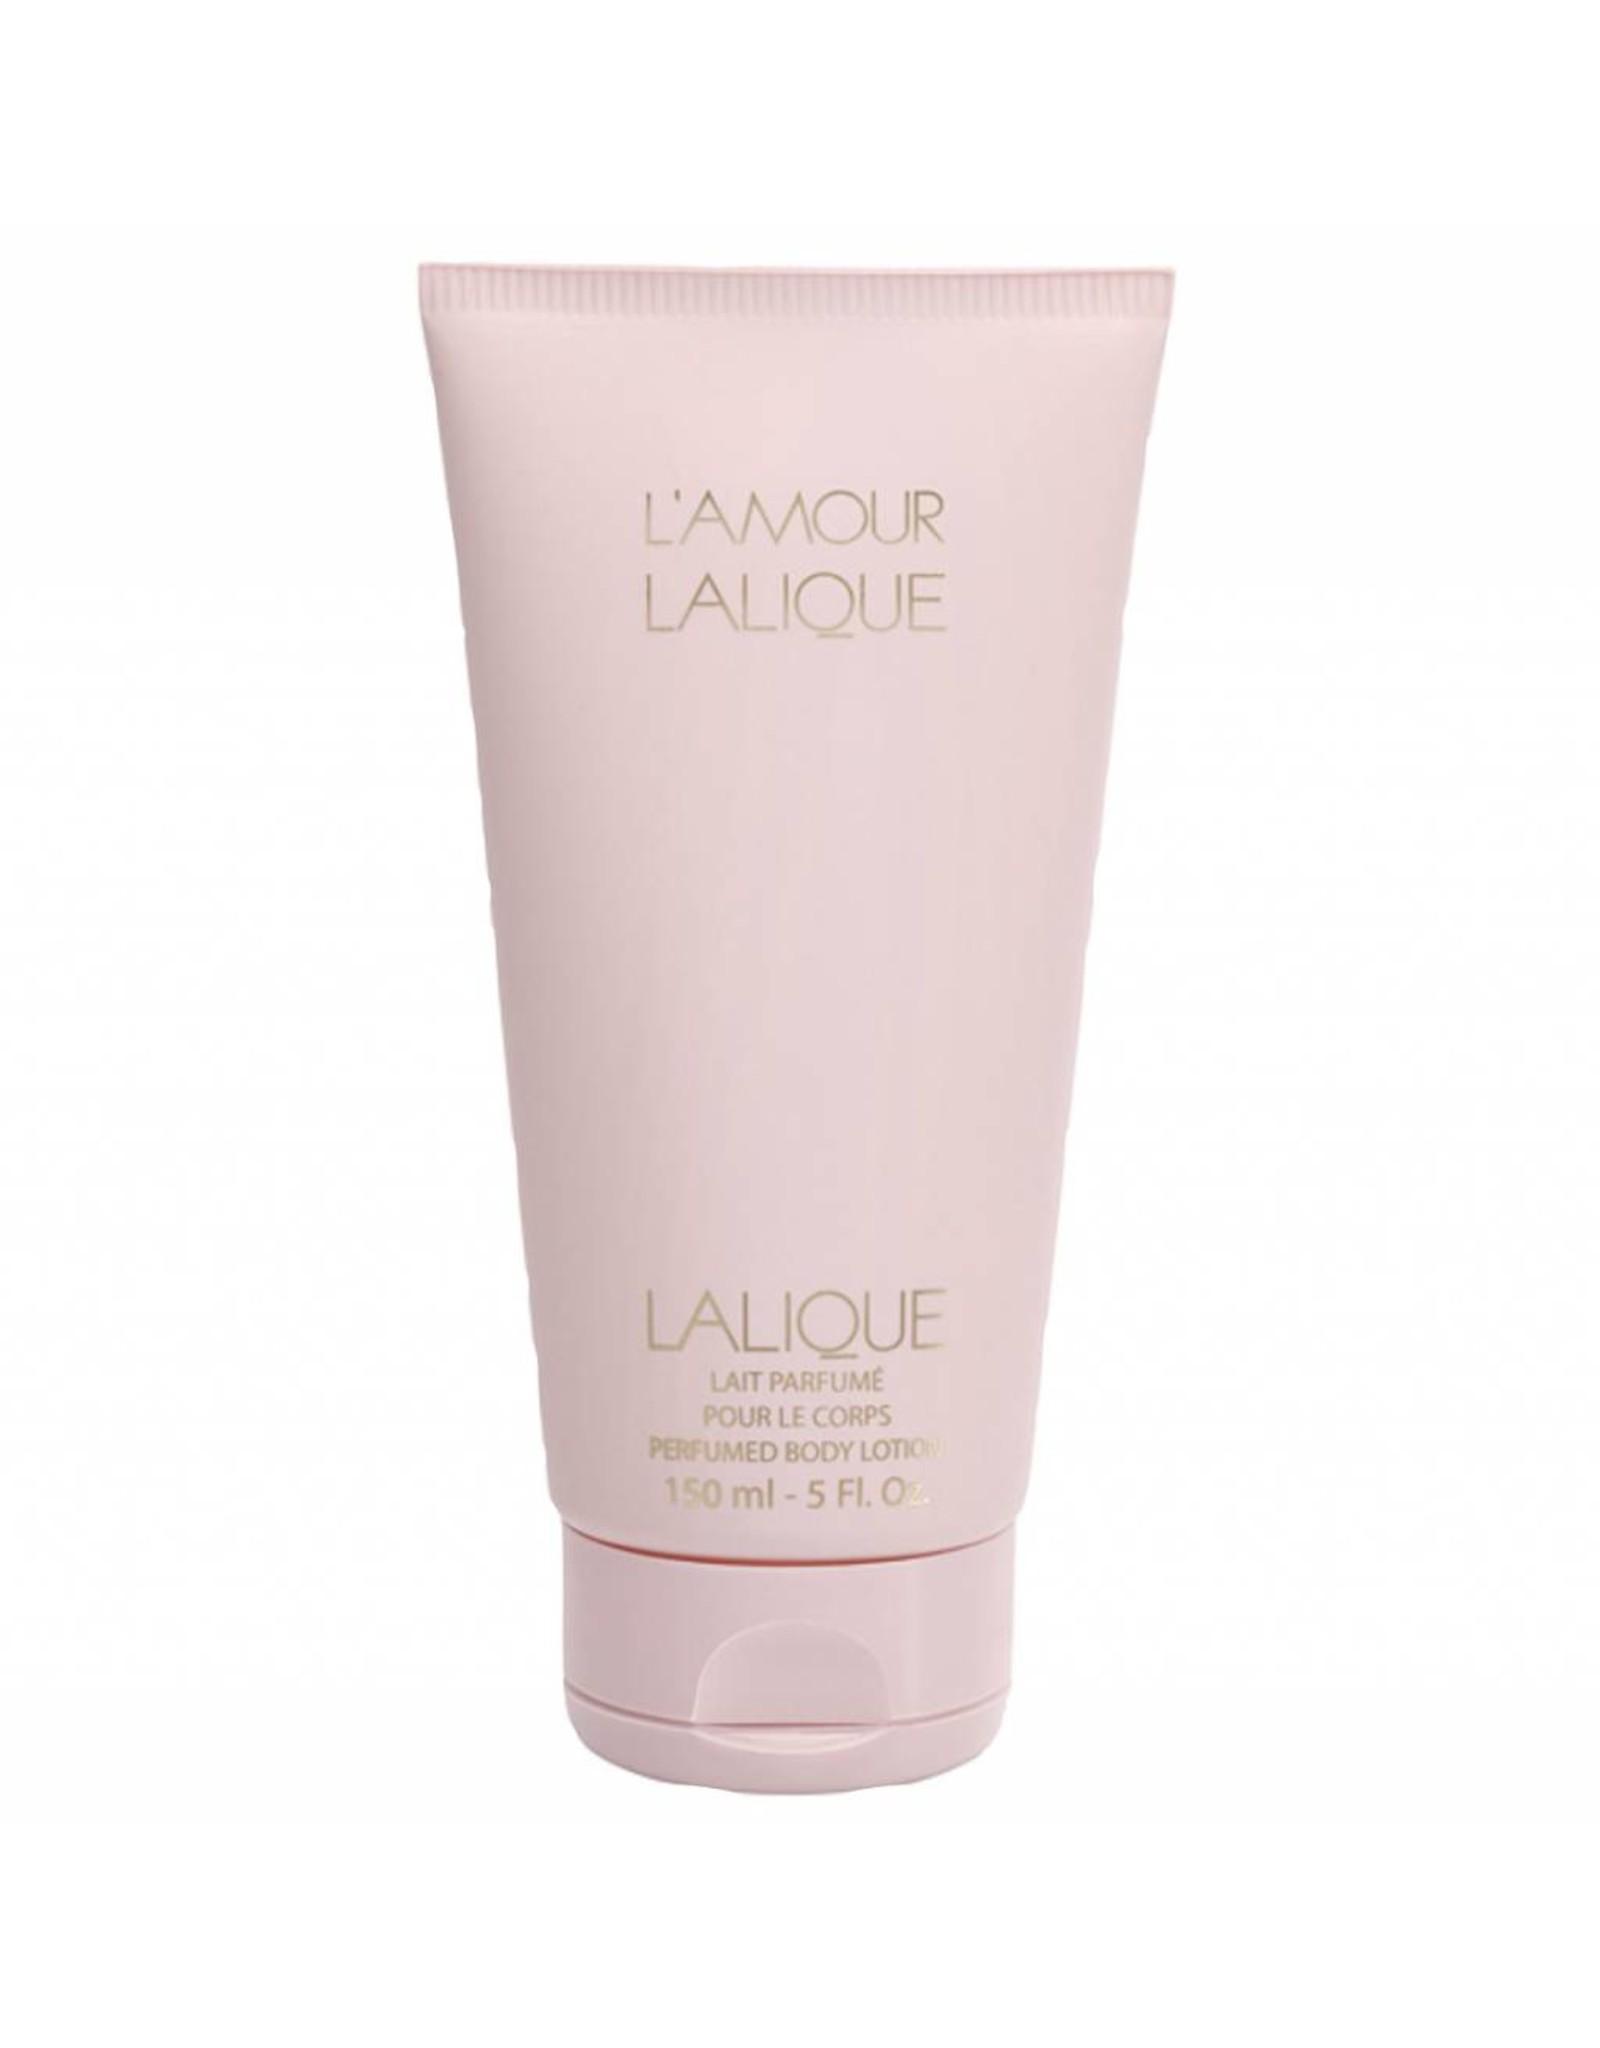 Lalique L'amour - Body Lotion